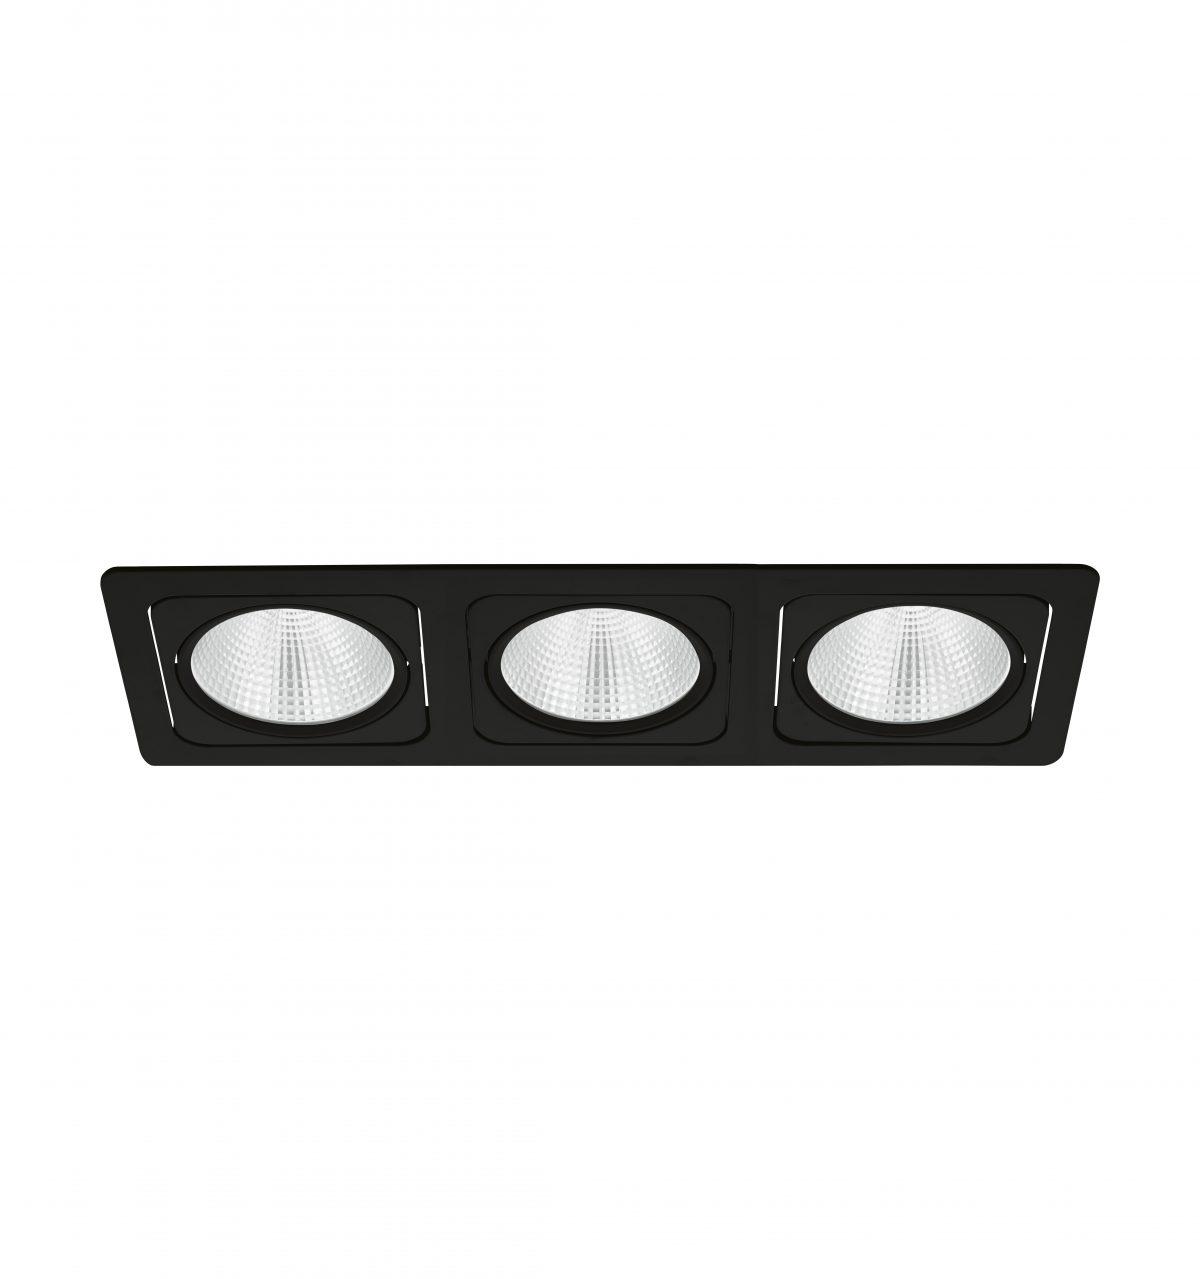 Светильник настенно-потолочный VASCELLO/PROFESSION EGLO 61688 - Фото №28